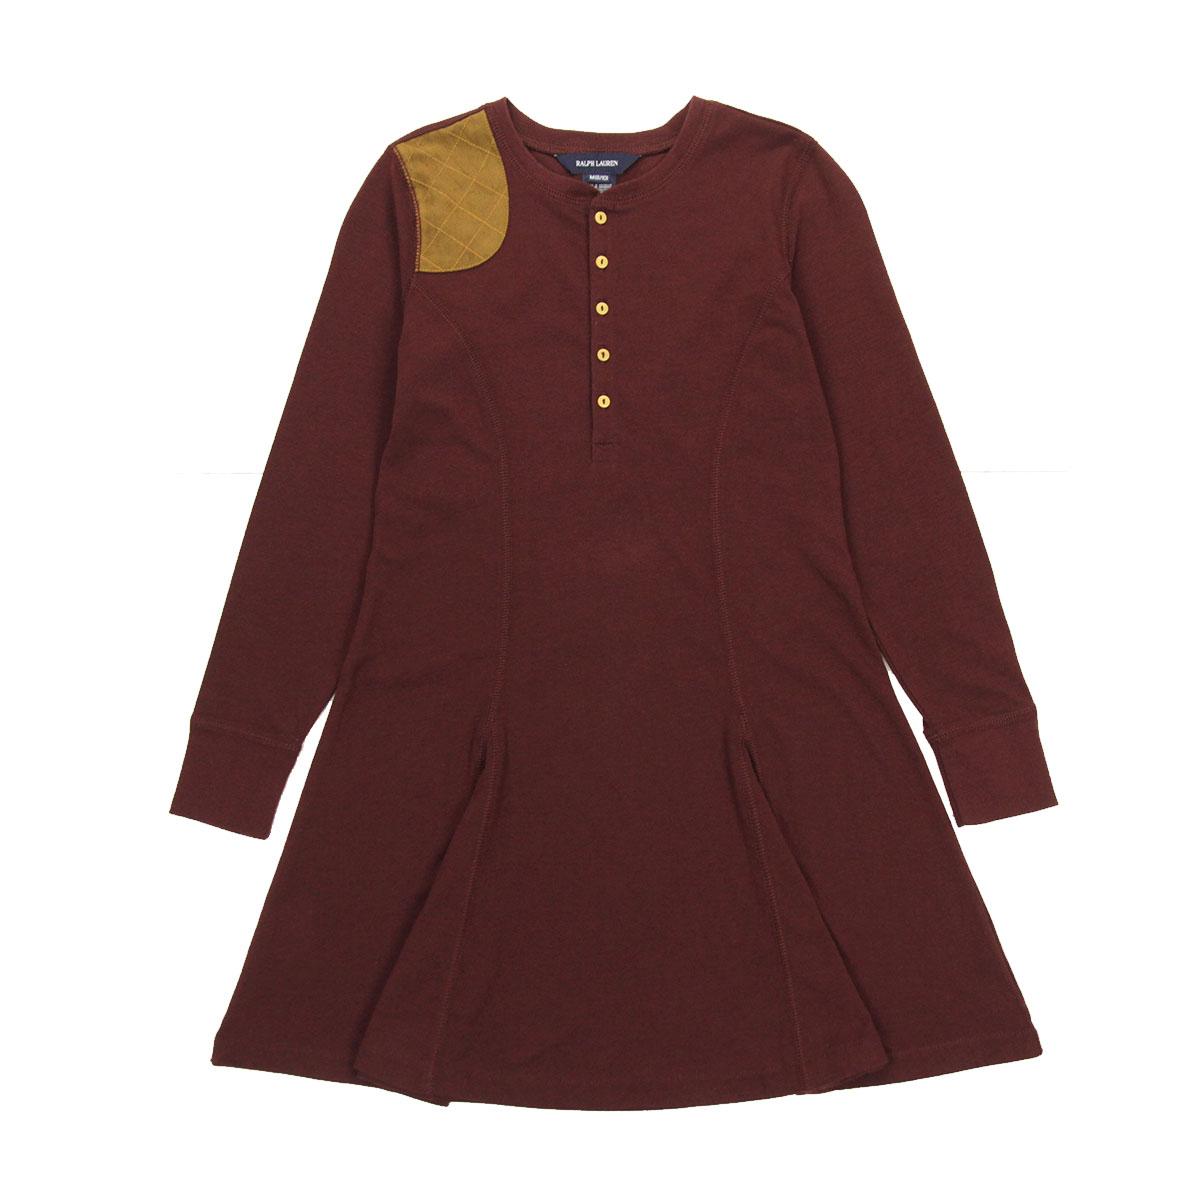 85d38bac 30%OFF sale polo Ralph Lauren kids POLO RALPH LAUREN CHILDREN regular  article children's clothes girls long sleeves dress shirt Henley  Suede-Patch ...